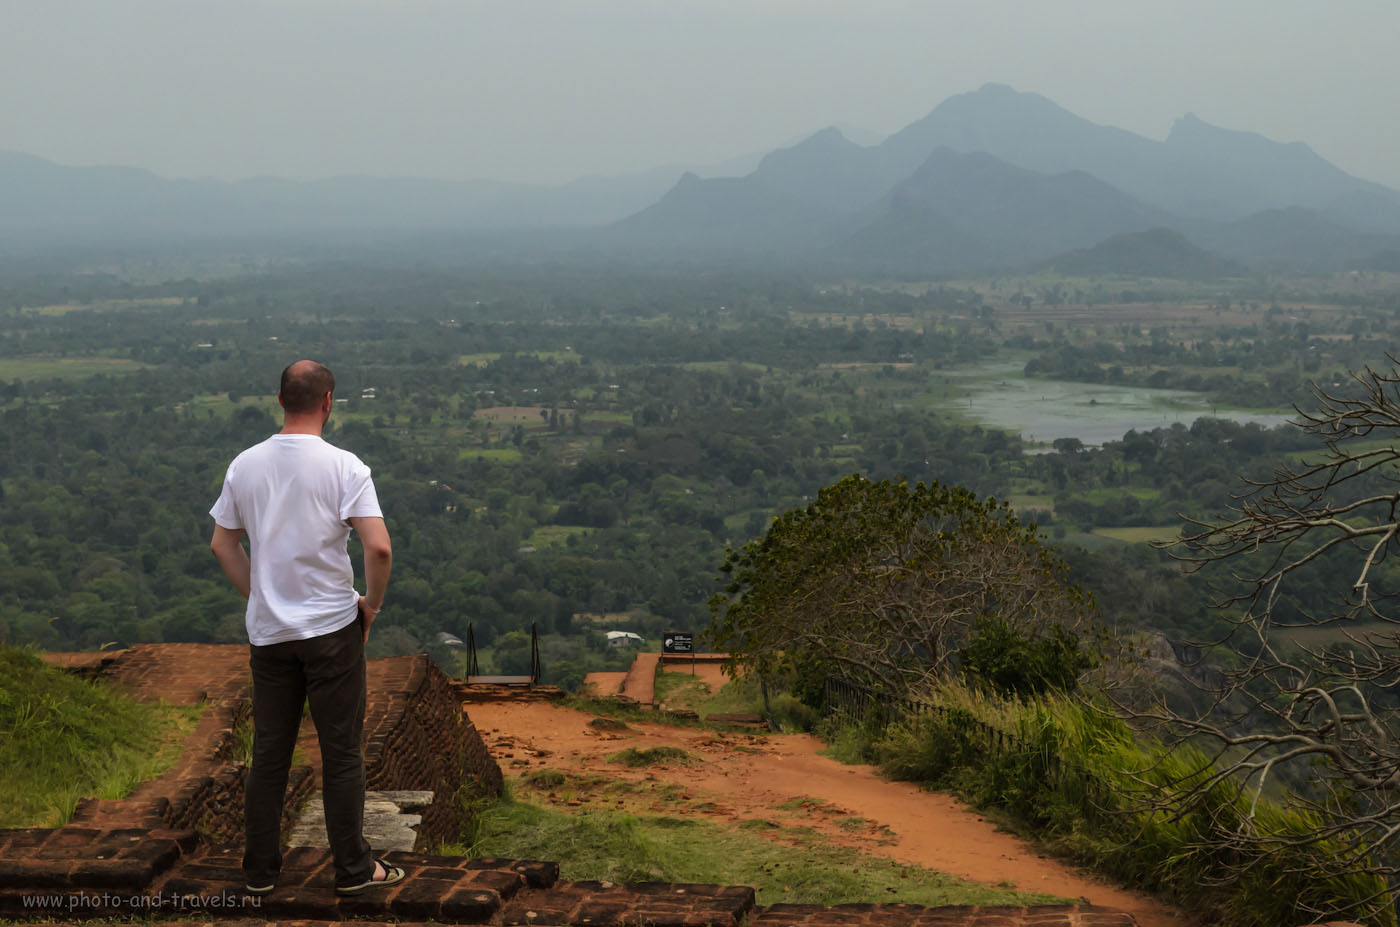 13. Вид на окрестности с вершины Львиной горы на Шри-Ланке. Отзывы об экскурсии. Советы, как добраться в Сигирию.